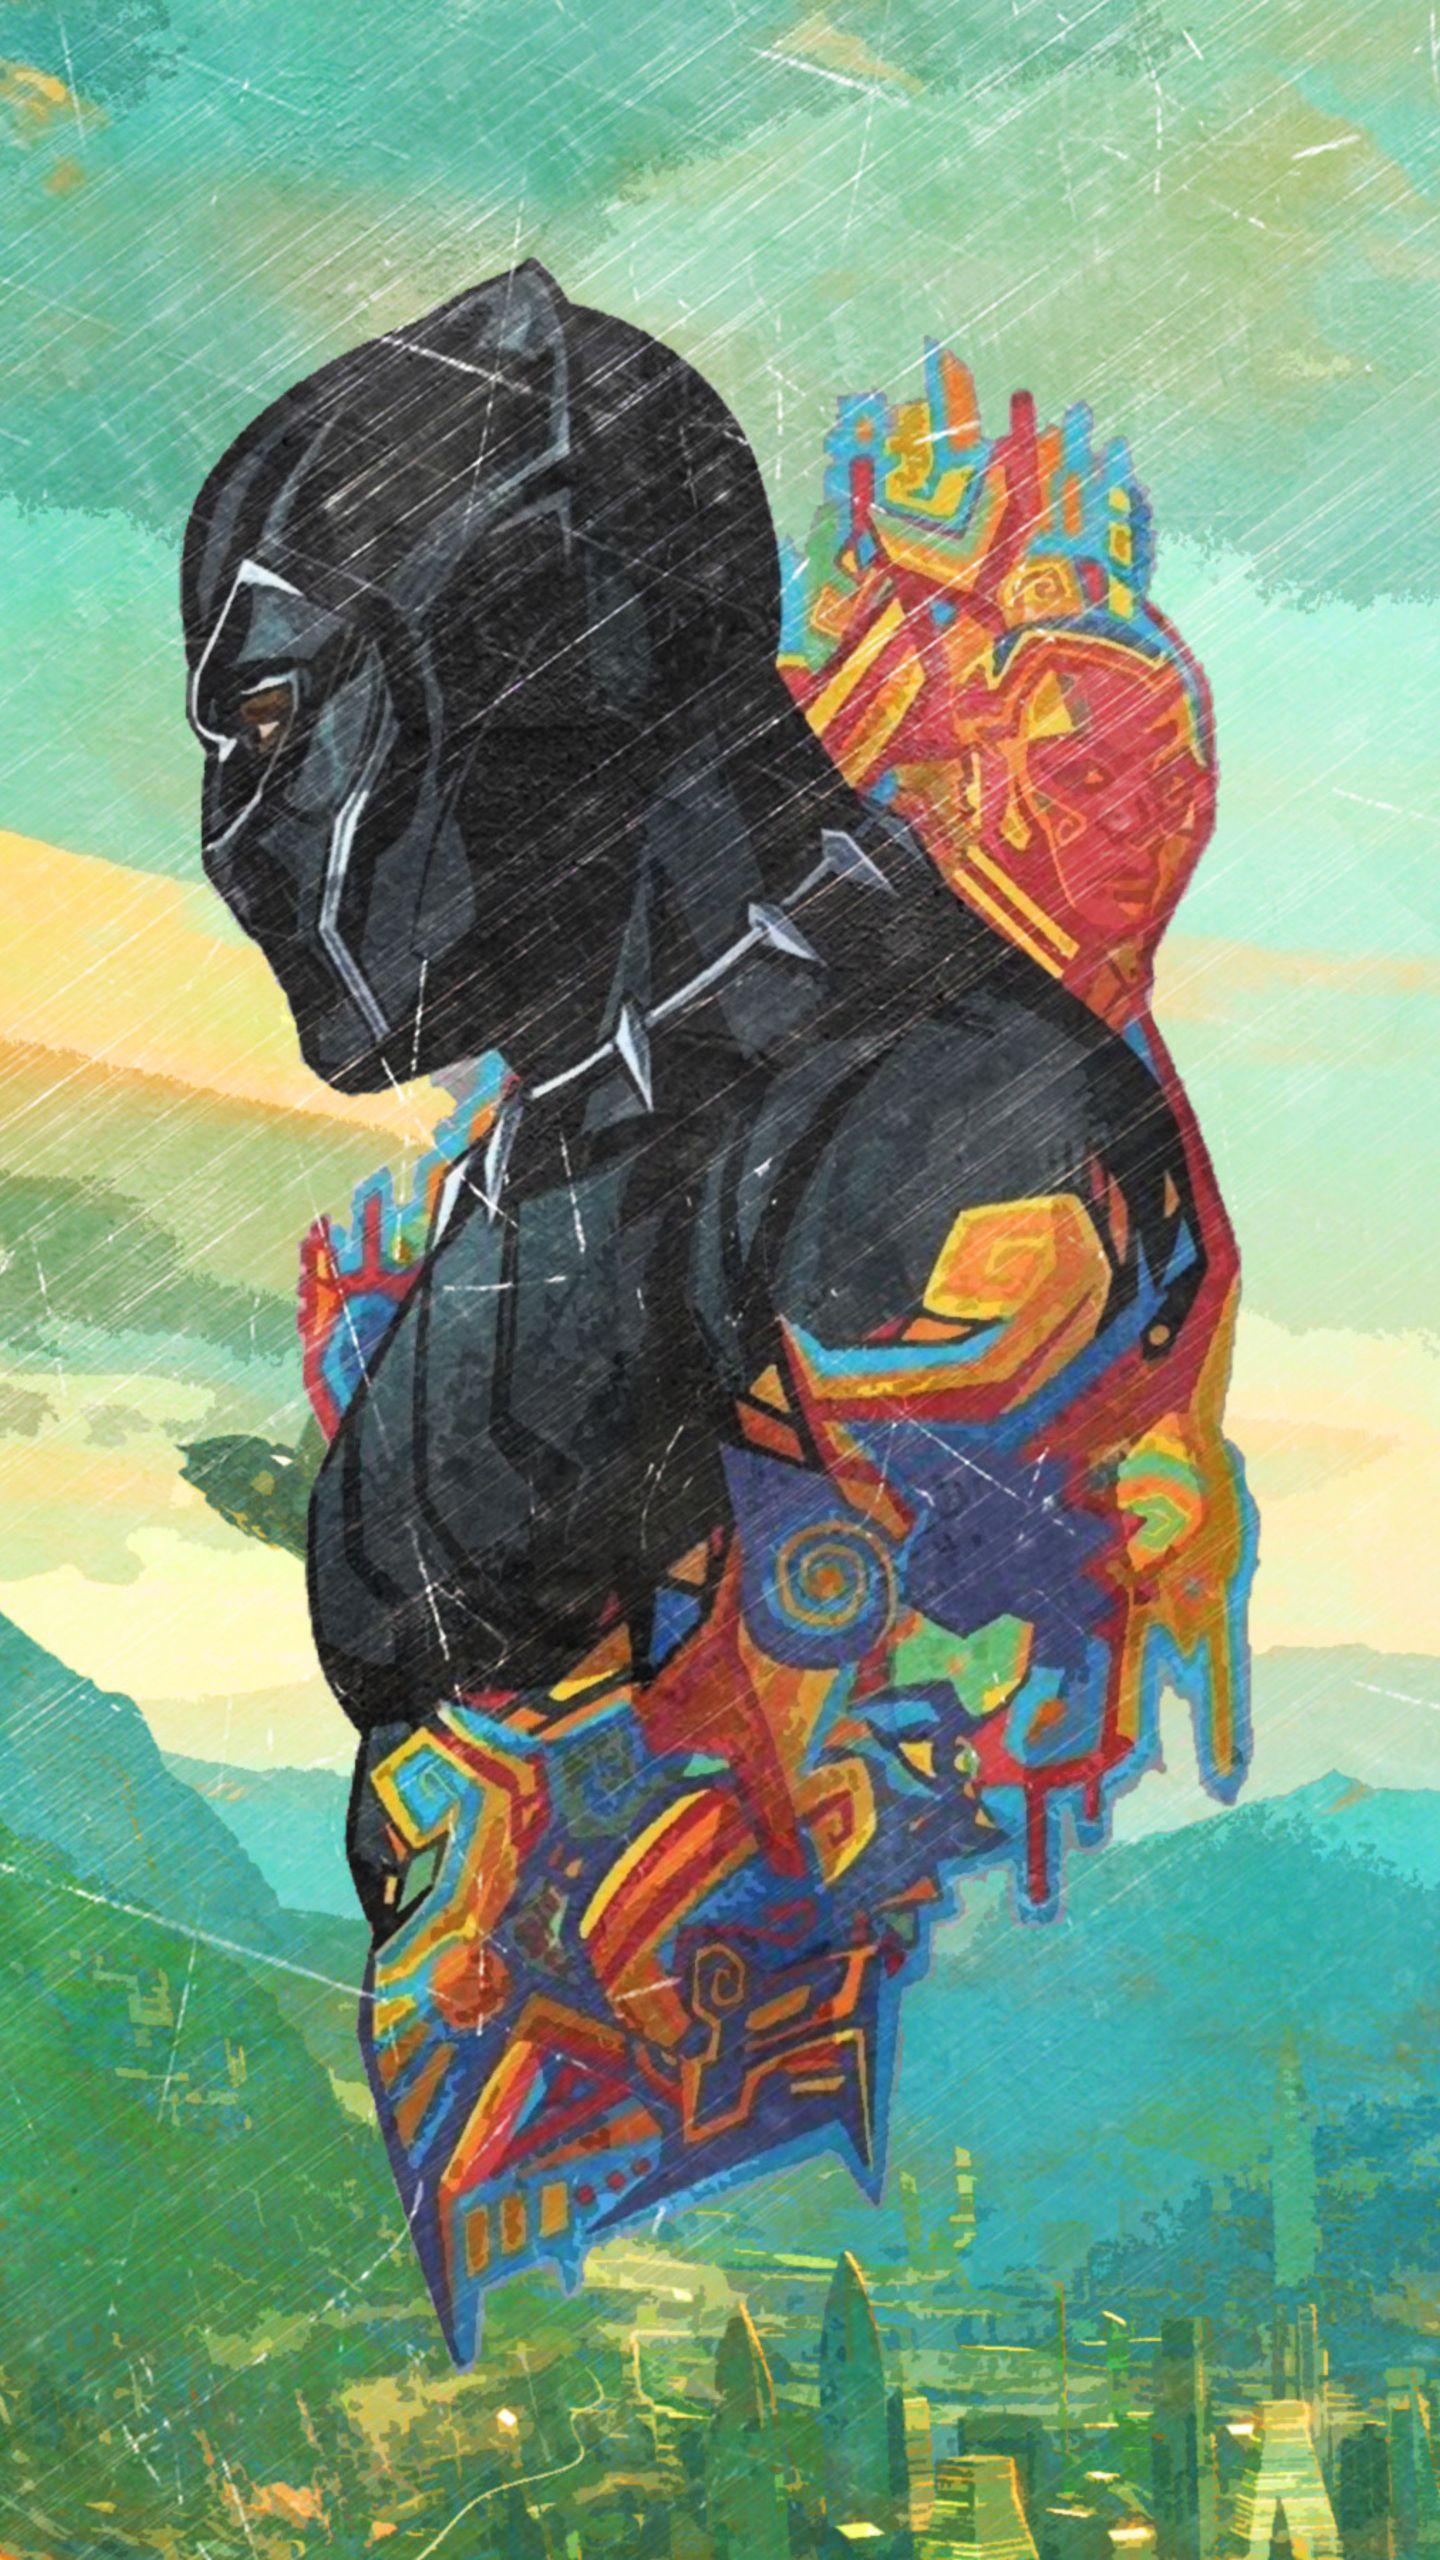 Black Panther Artwork Wakanda Black Panther Superhero Black